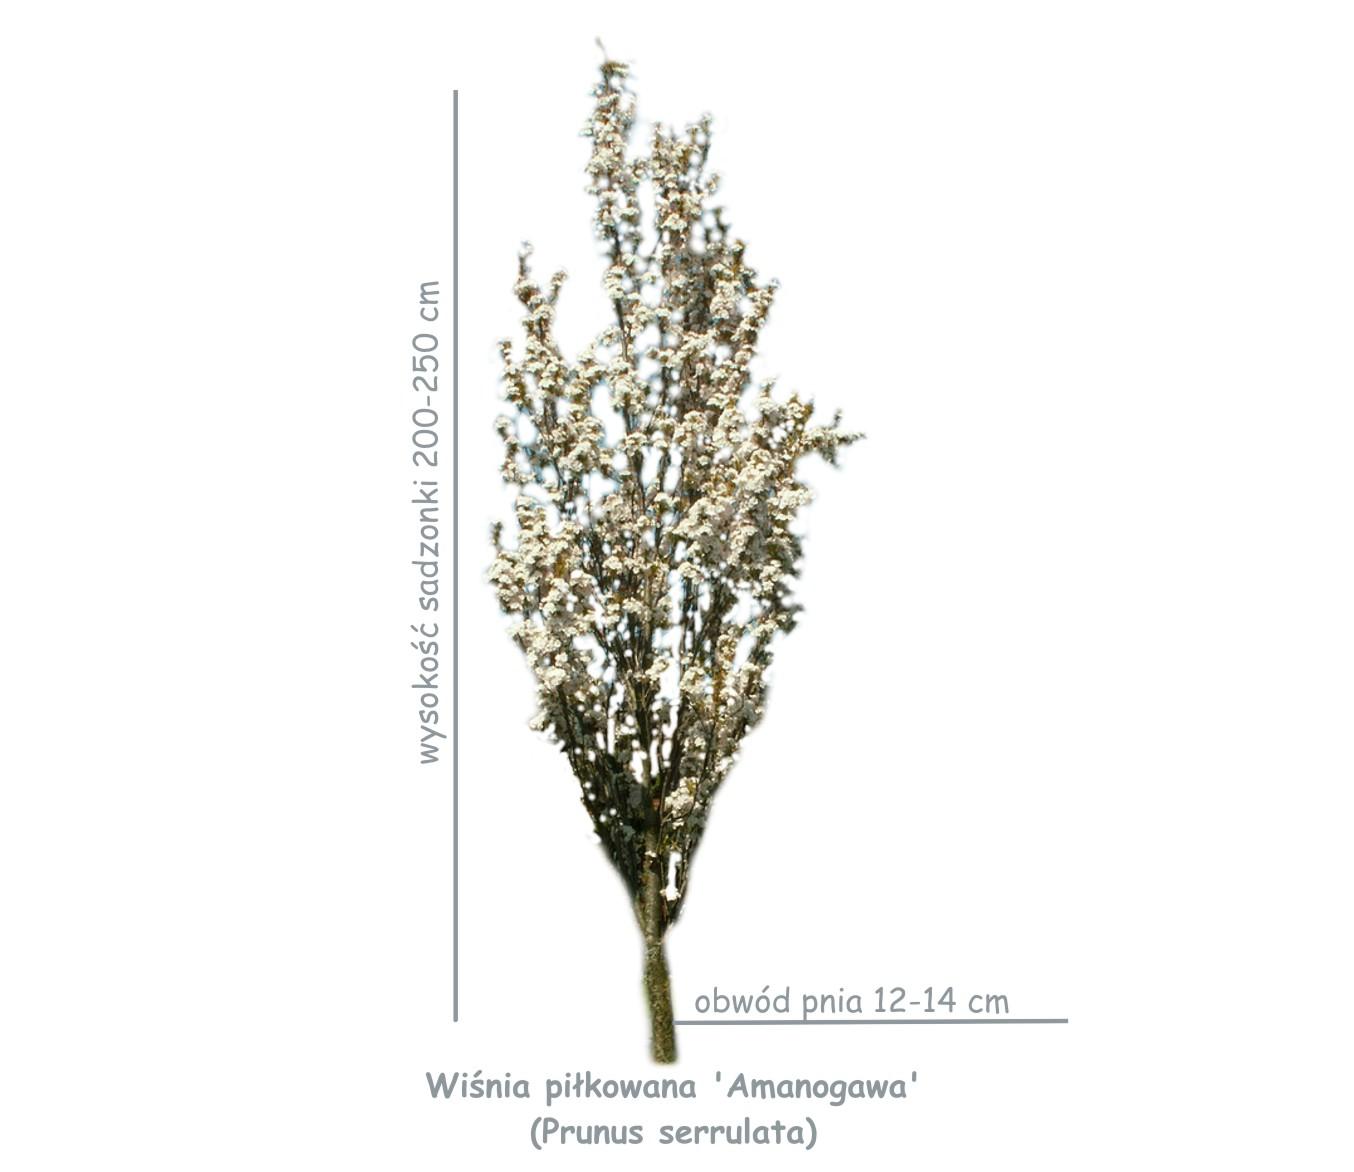 Wiśnia piłkowana 'Amanogawa' (Prunus serrulata) sadzonka o obwodzie pnia 12-14 cm.